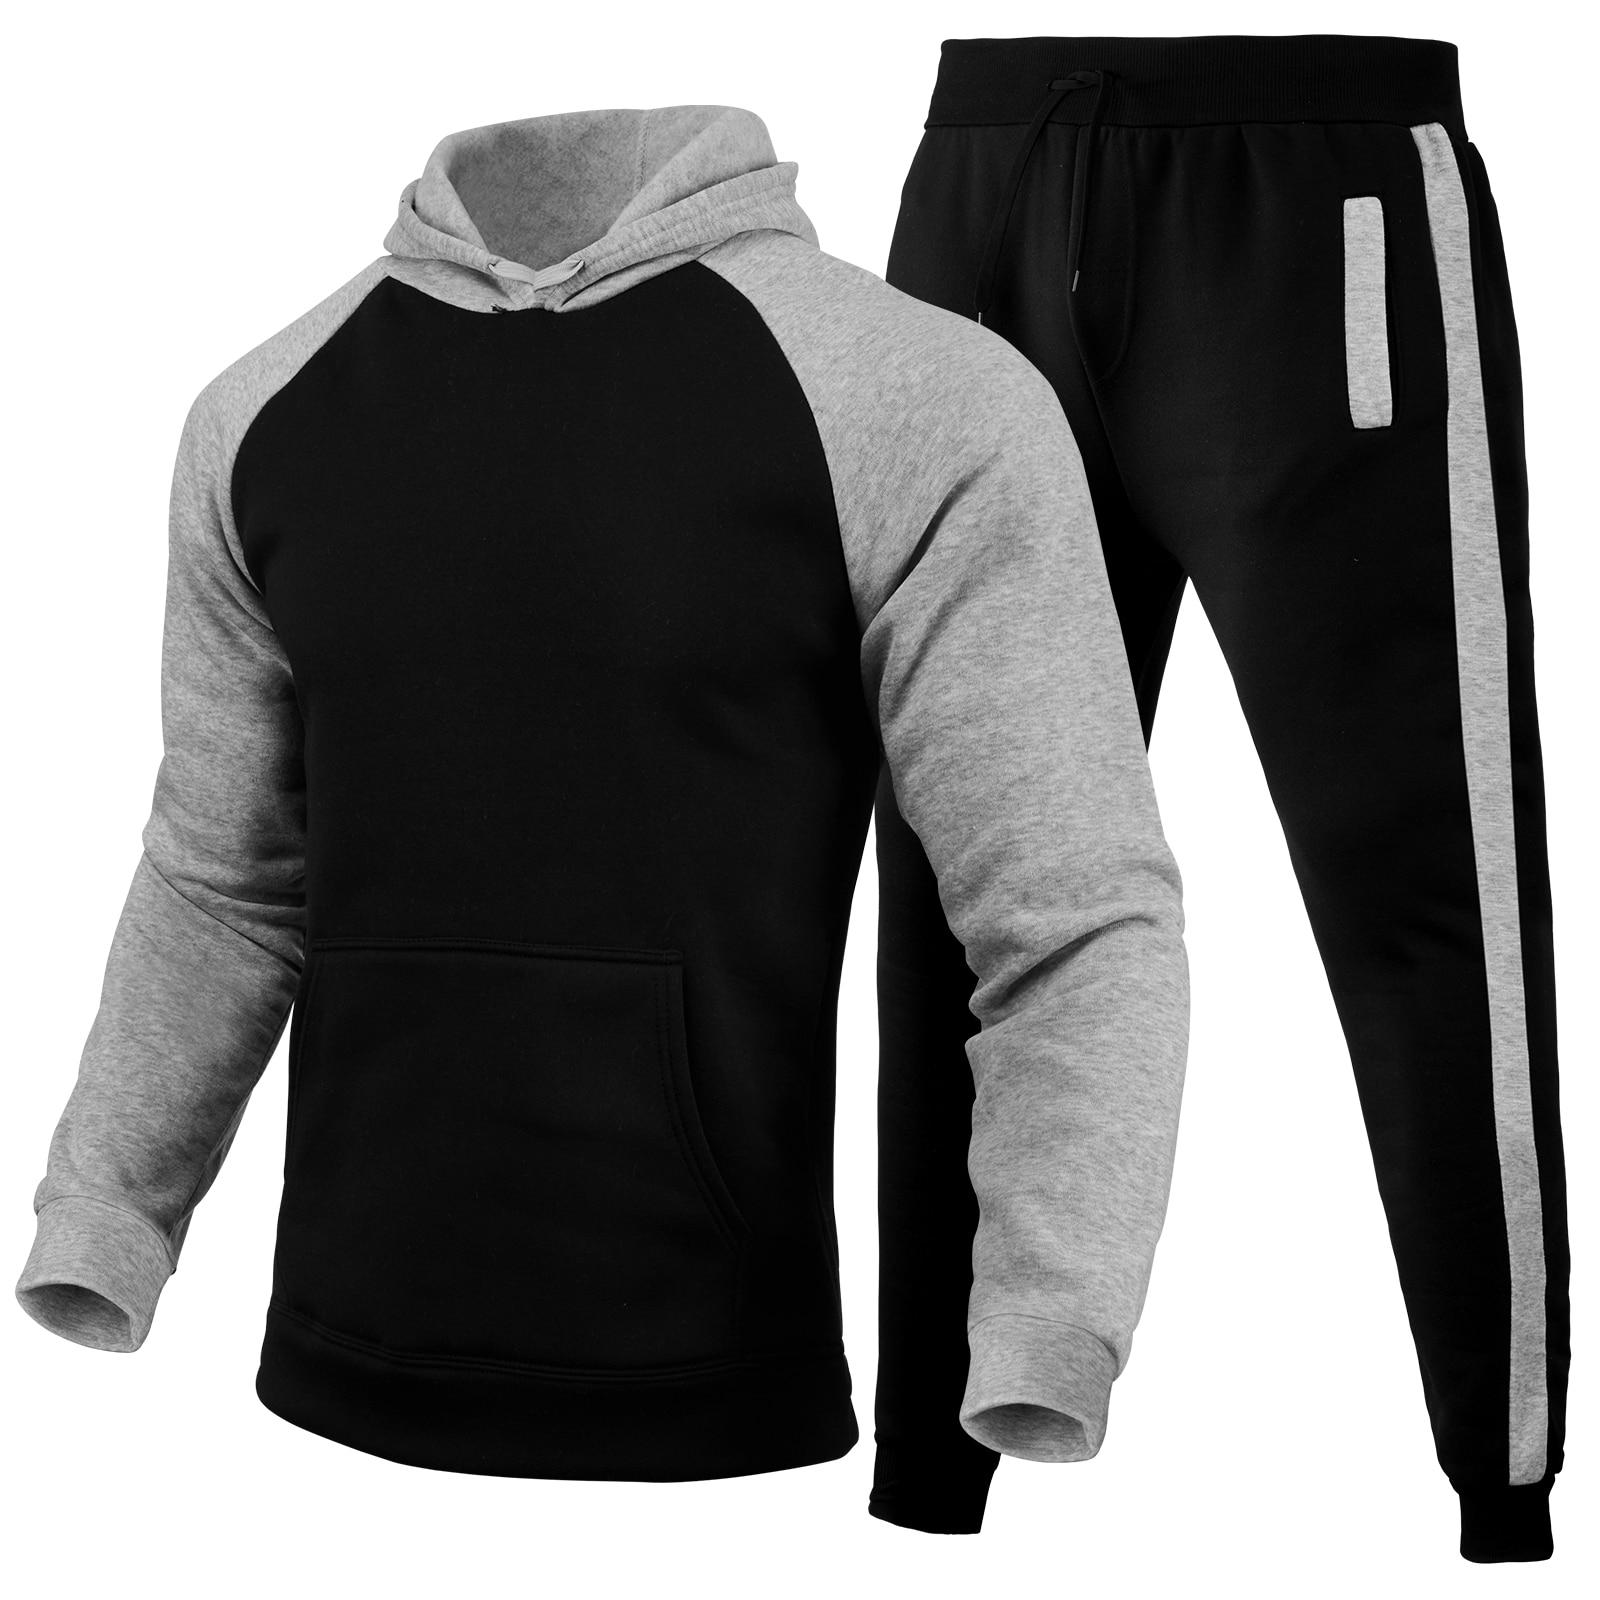 Мужская спортивная одежда 2 зимняя повседневная спортивная одежда с длинным рукавом с вращающимися манжетами толстовка + брюки спортивная ...